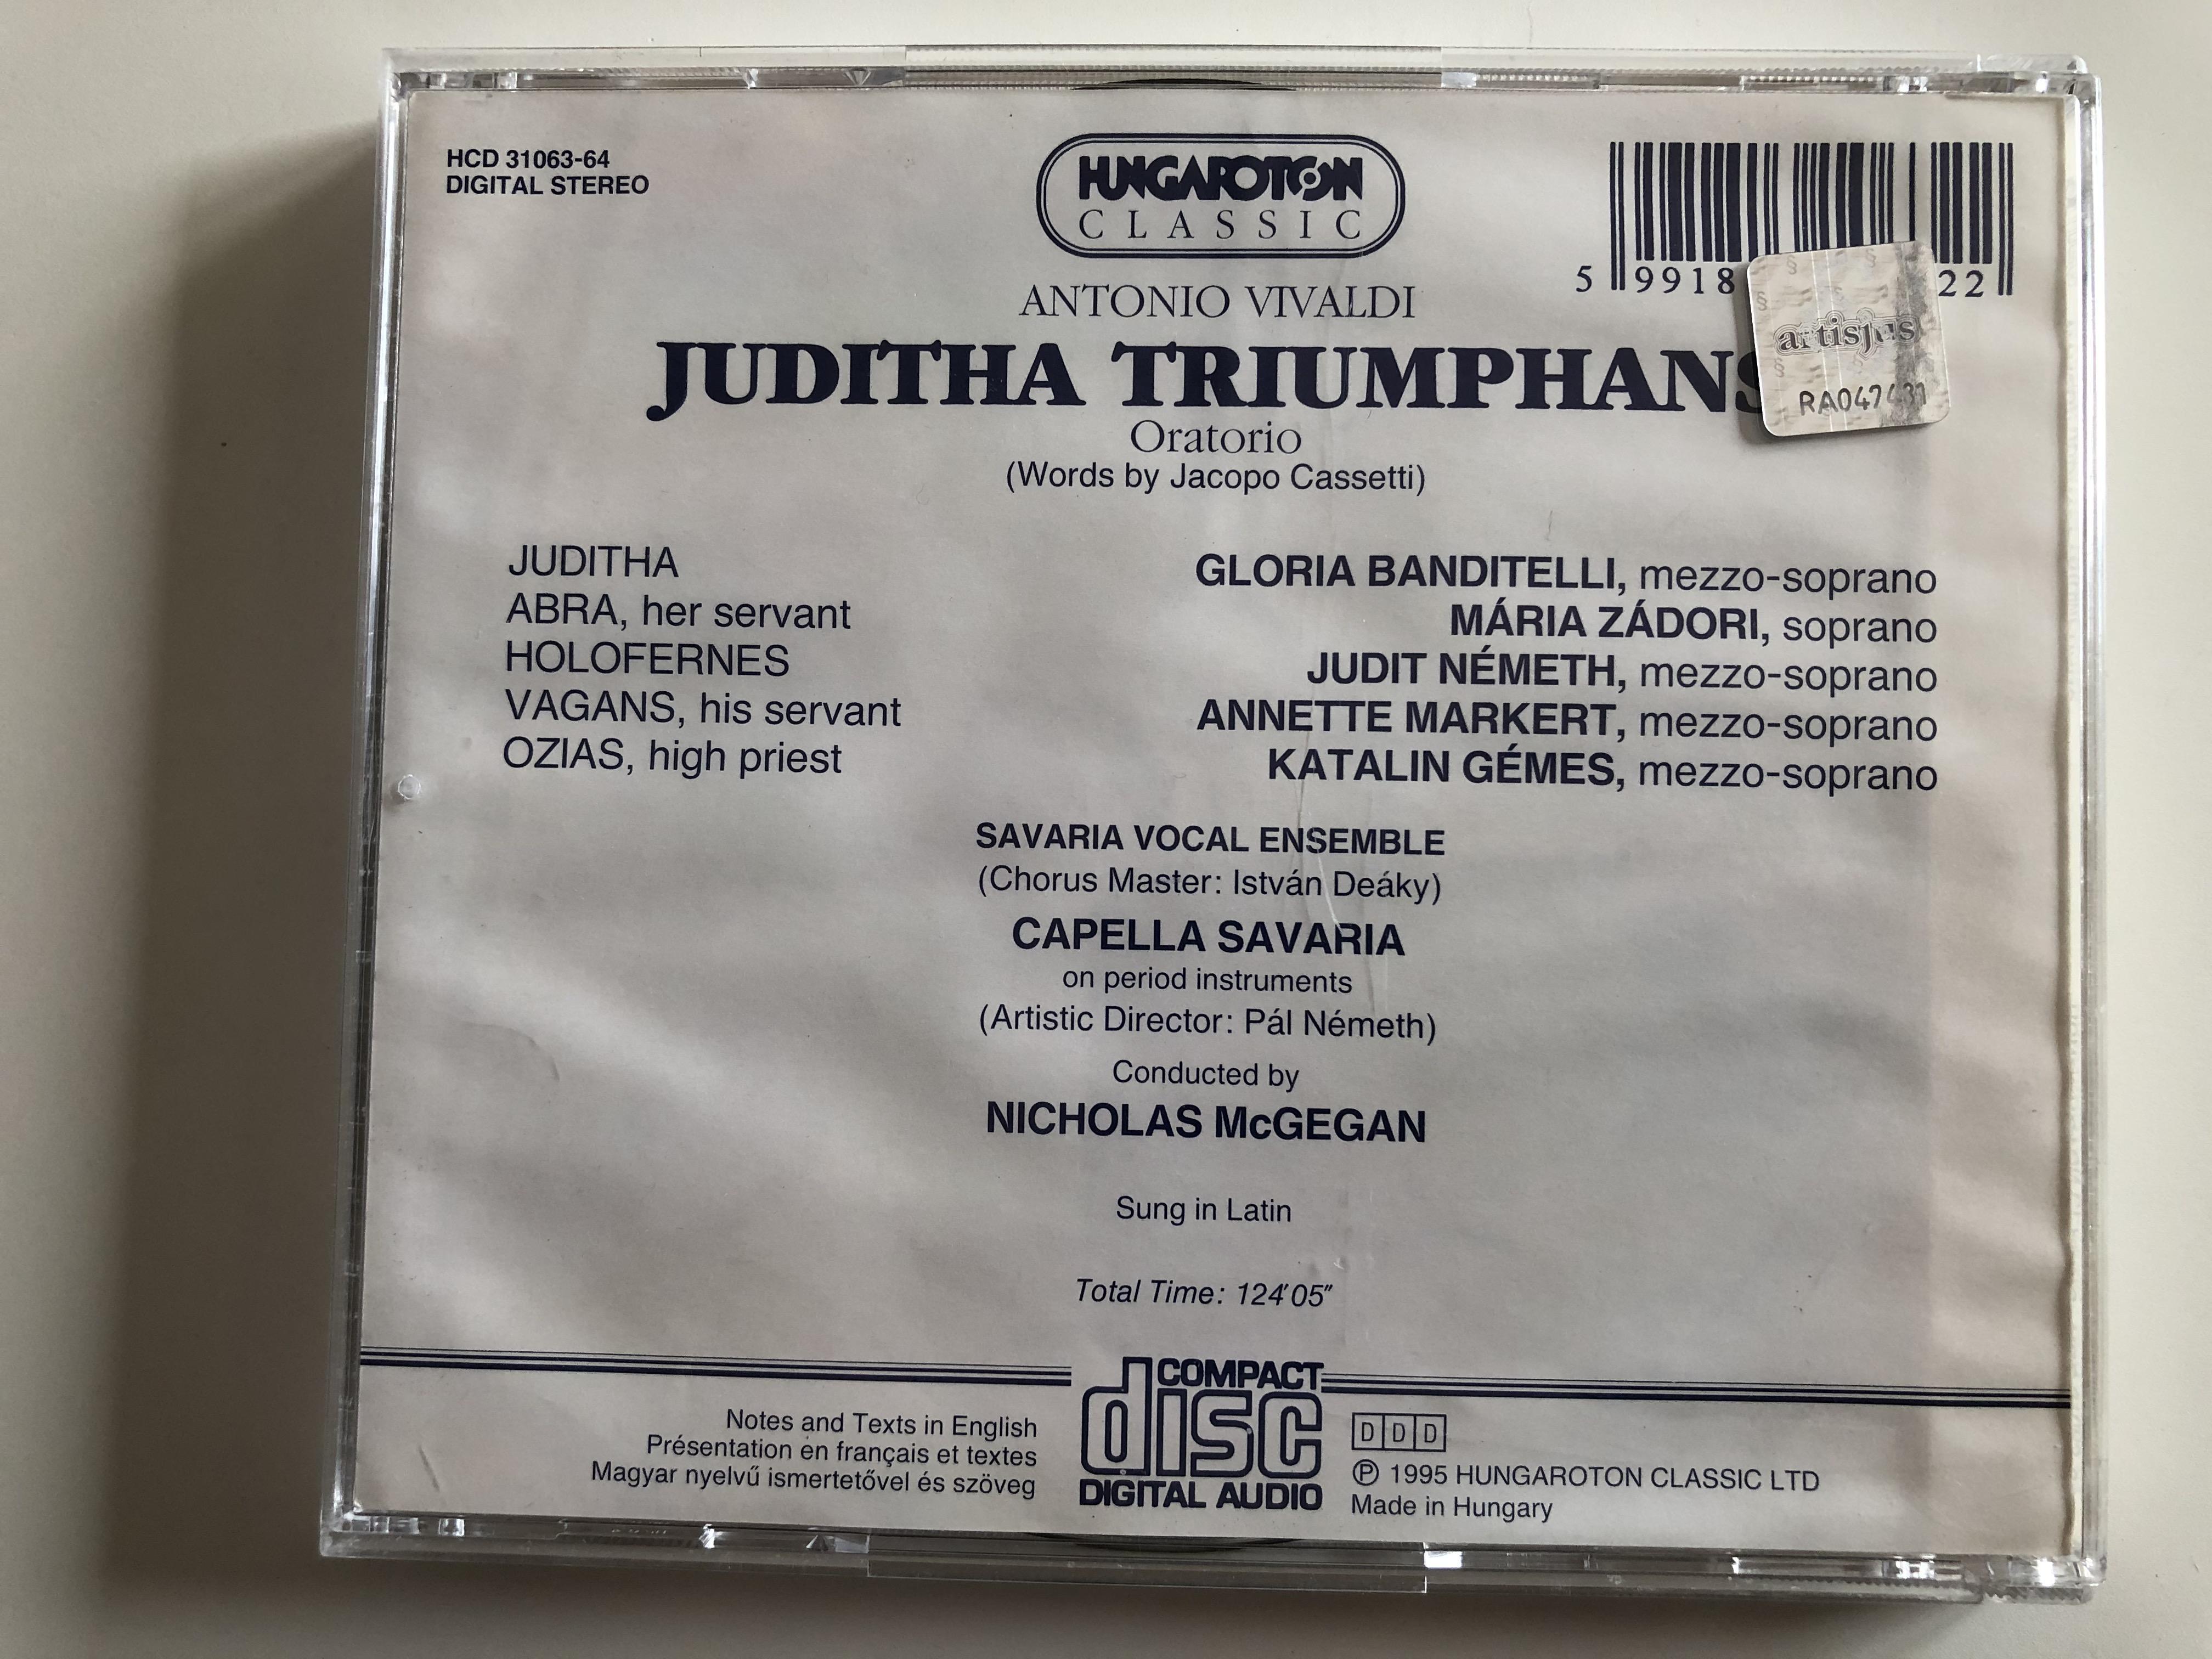 antonio-vivaldi-juditha-triumphans-oratorio-gloria-banditelli-maria-zadori-judit-nemeth-savaria-vocal-ensemble-capella-savaria-conducted-by-nicholas-mcgegan-hungaroton-classic-2x-au-15-.jpg